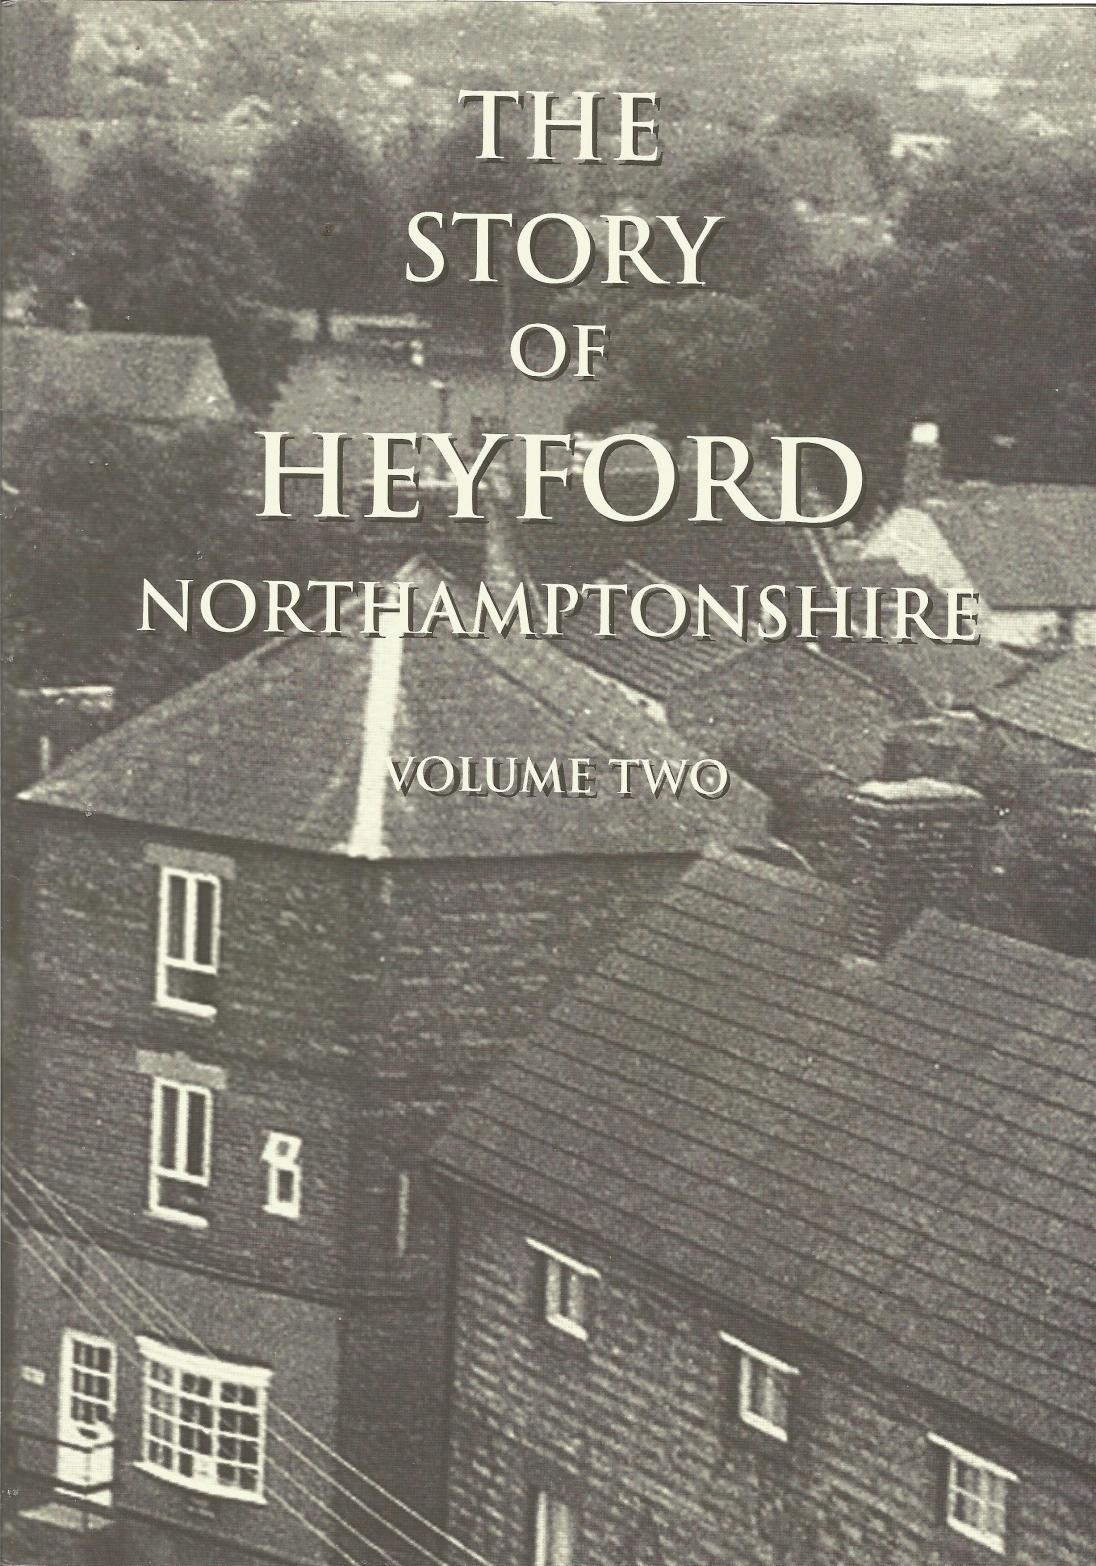 TheStoryOfHeyfordNorthamptonshire_V2FC